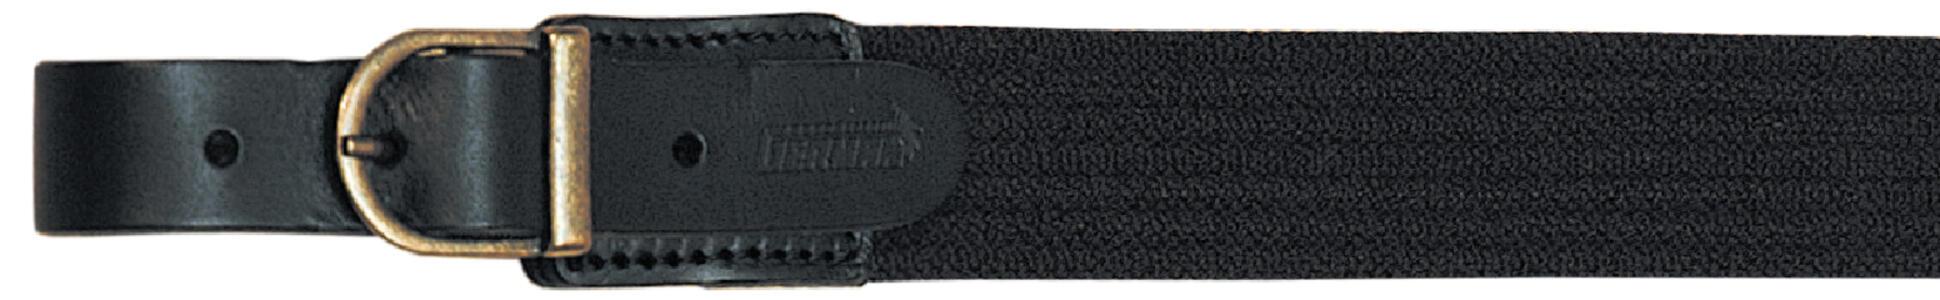 Bretella per fucile in tessuto elastico rigato colore nero mm.30